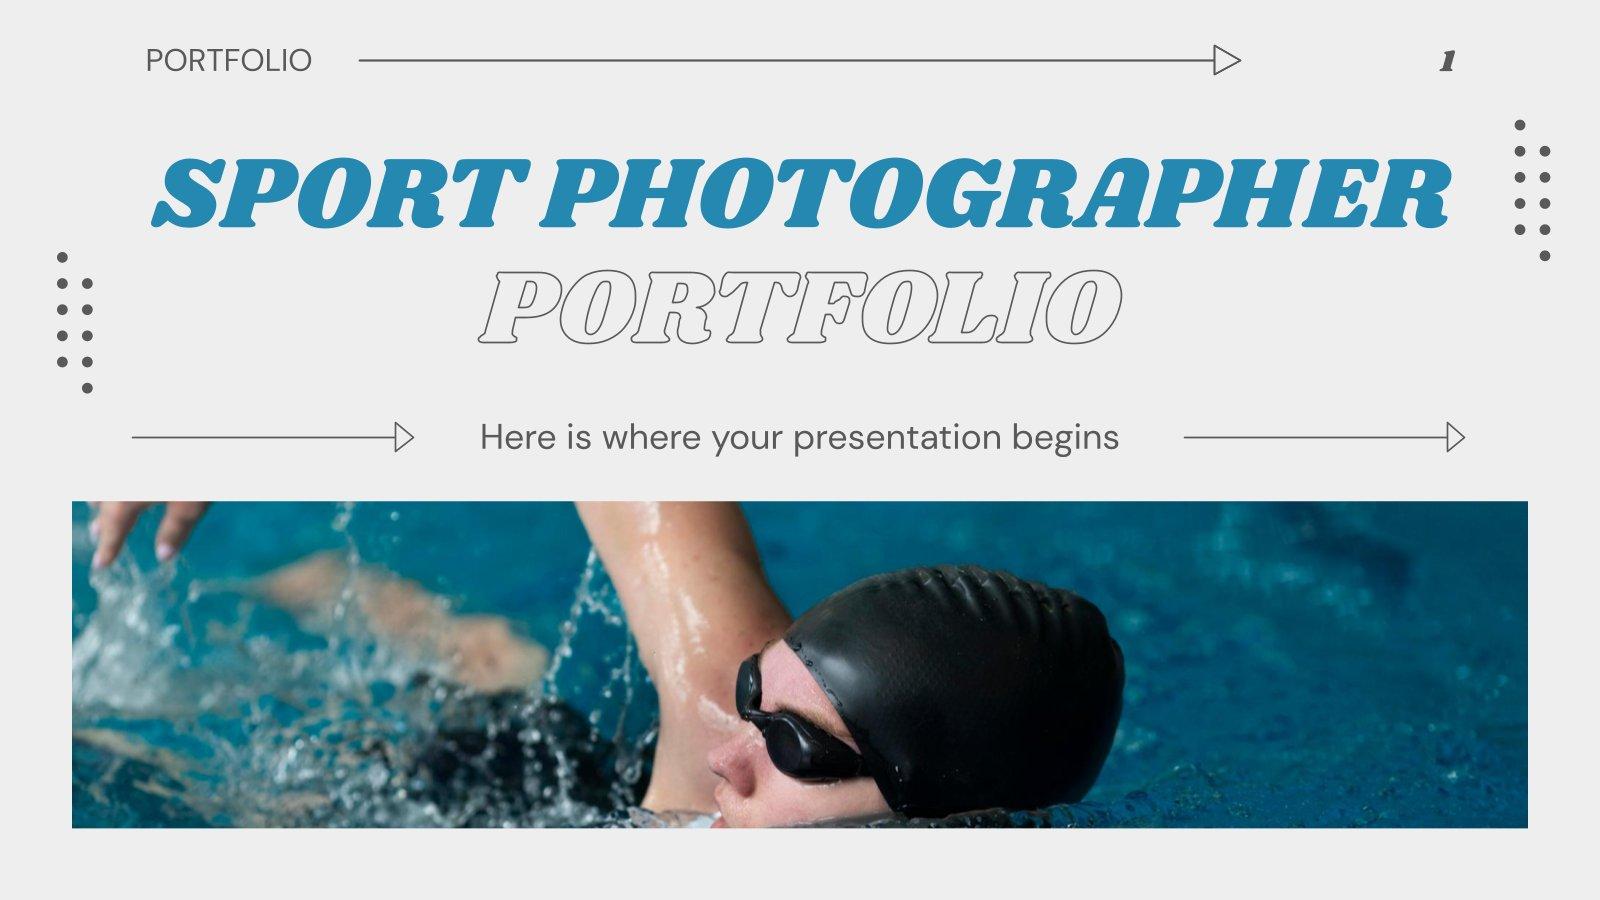 Modelo de apresentação Portfólio de fotógrafo esportivo